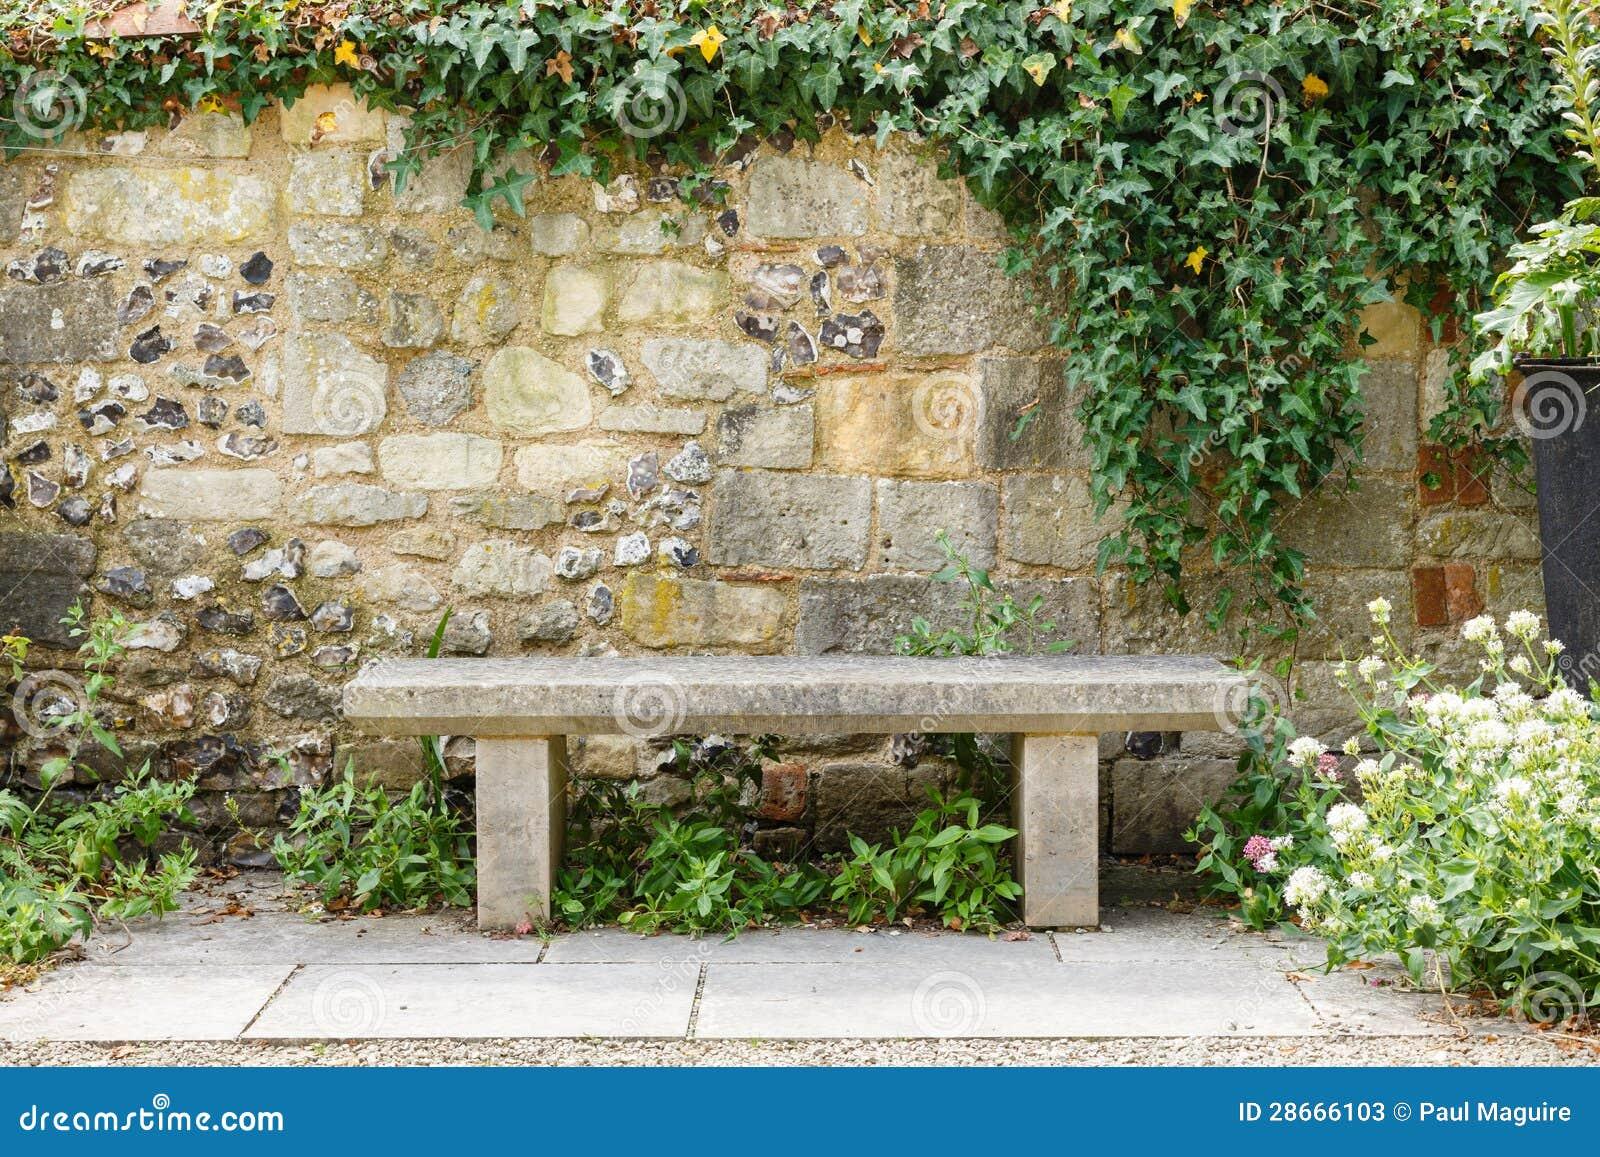 Banco in giardino convenzionale